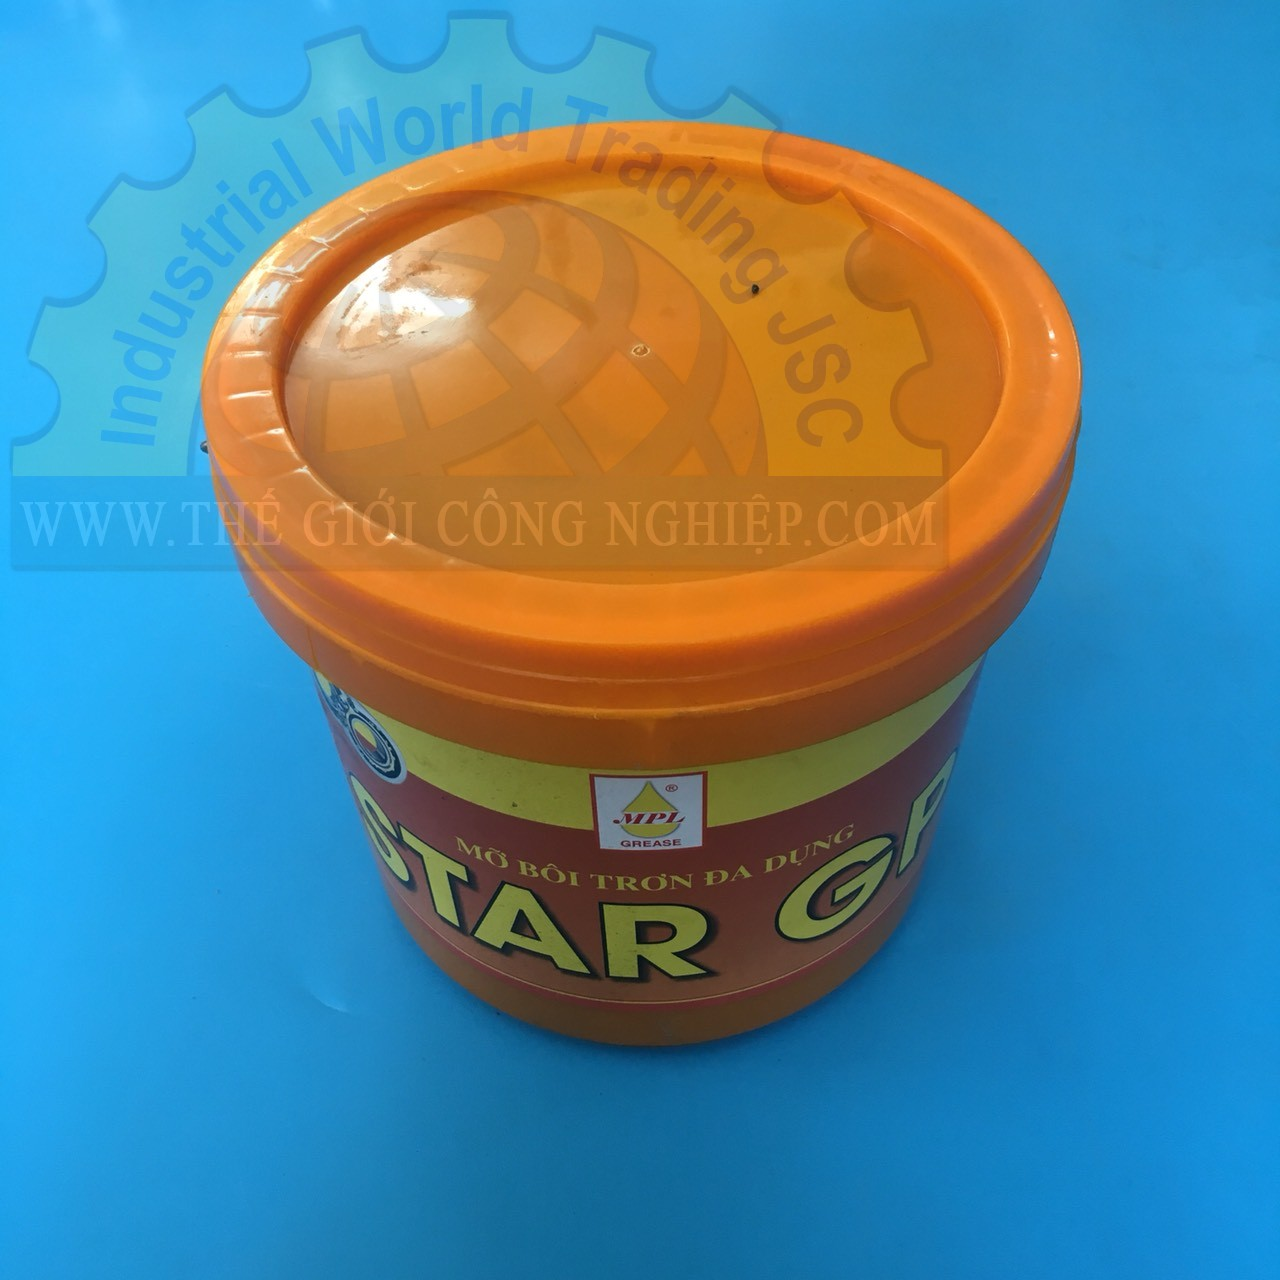 Mỡ bôi trơn đa dụng STAR-GP 1 thùng 4kg  TGCN-42720 MPL GREASE